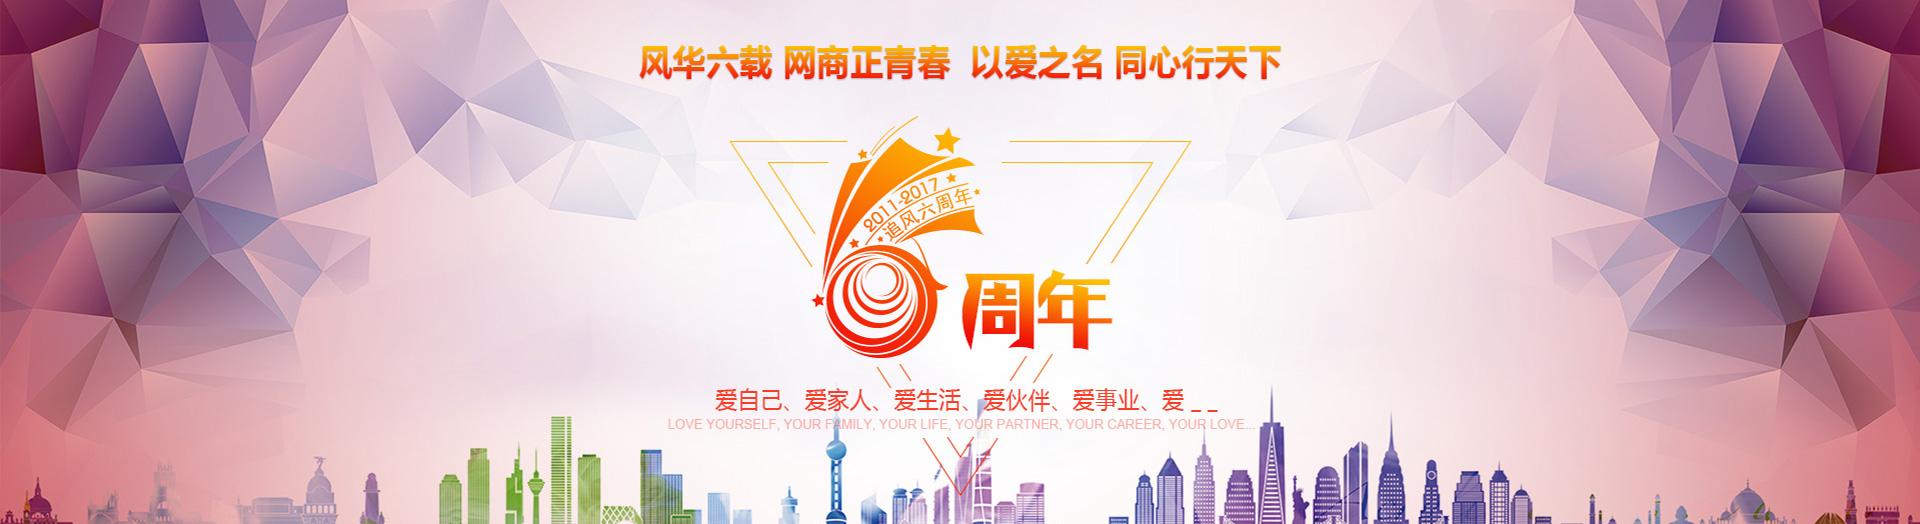 e世博app六周年庆